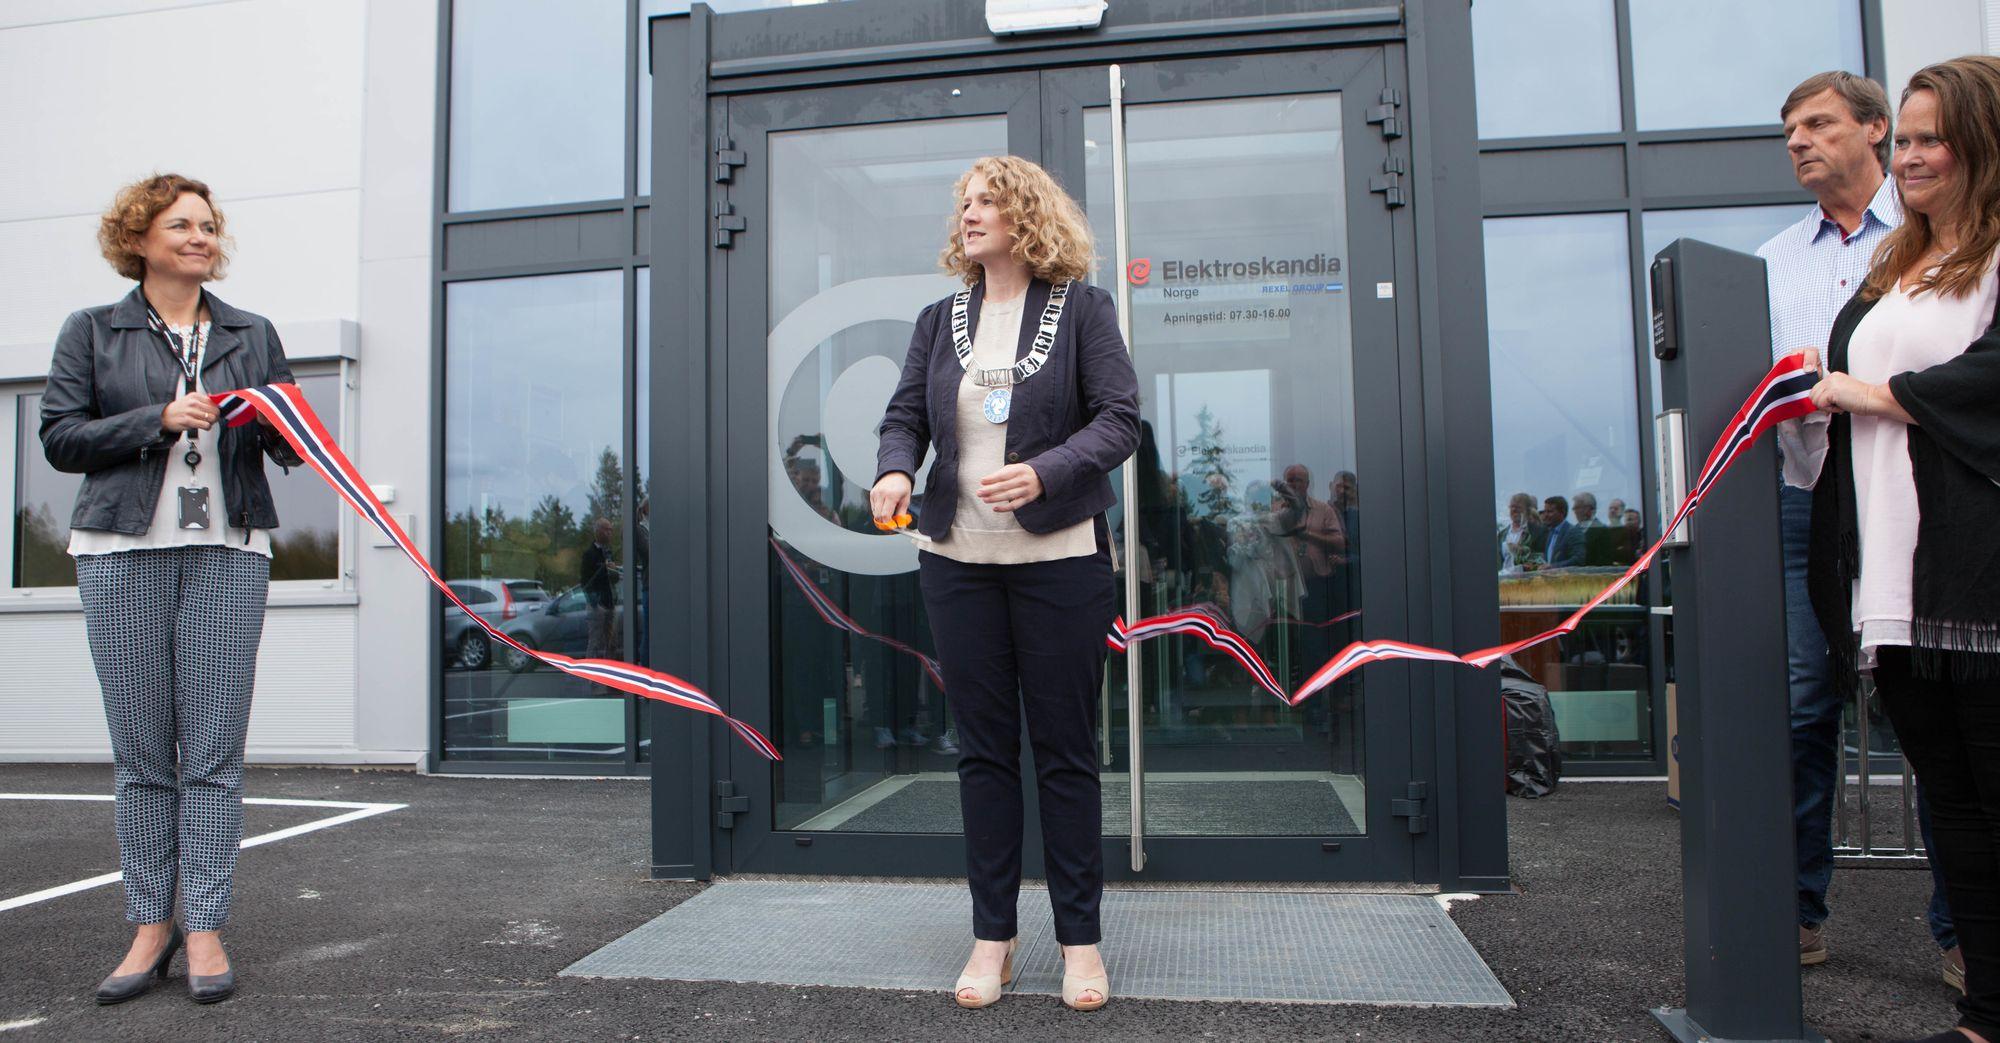 Ordfører i Ski kommune, Tuva Moflag (Ap), sto for den offisielle åpningen.